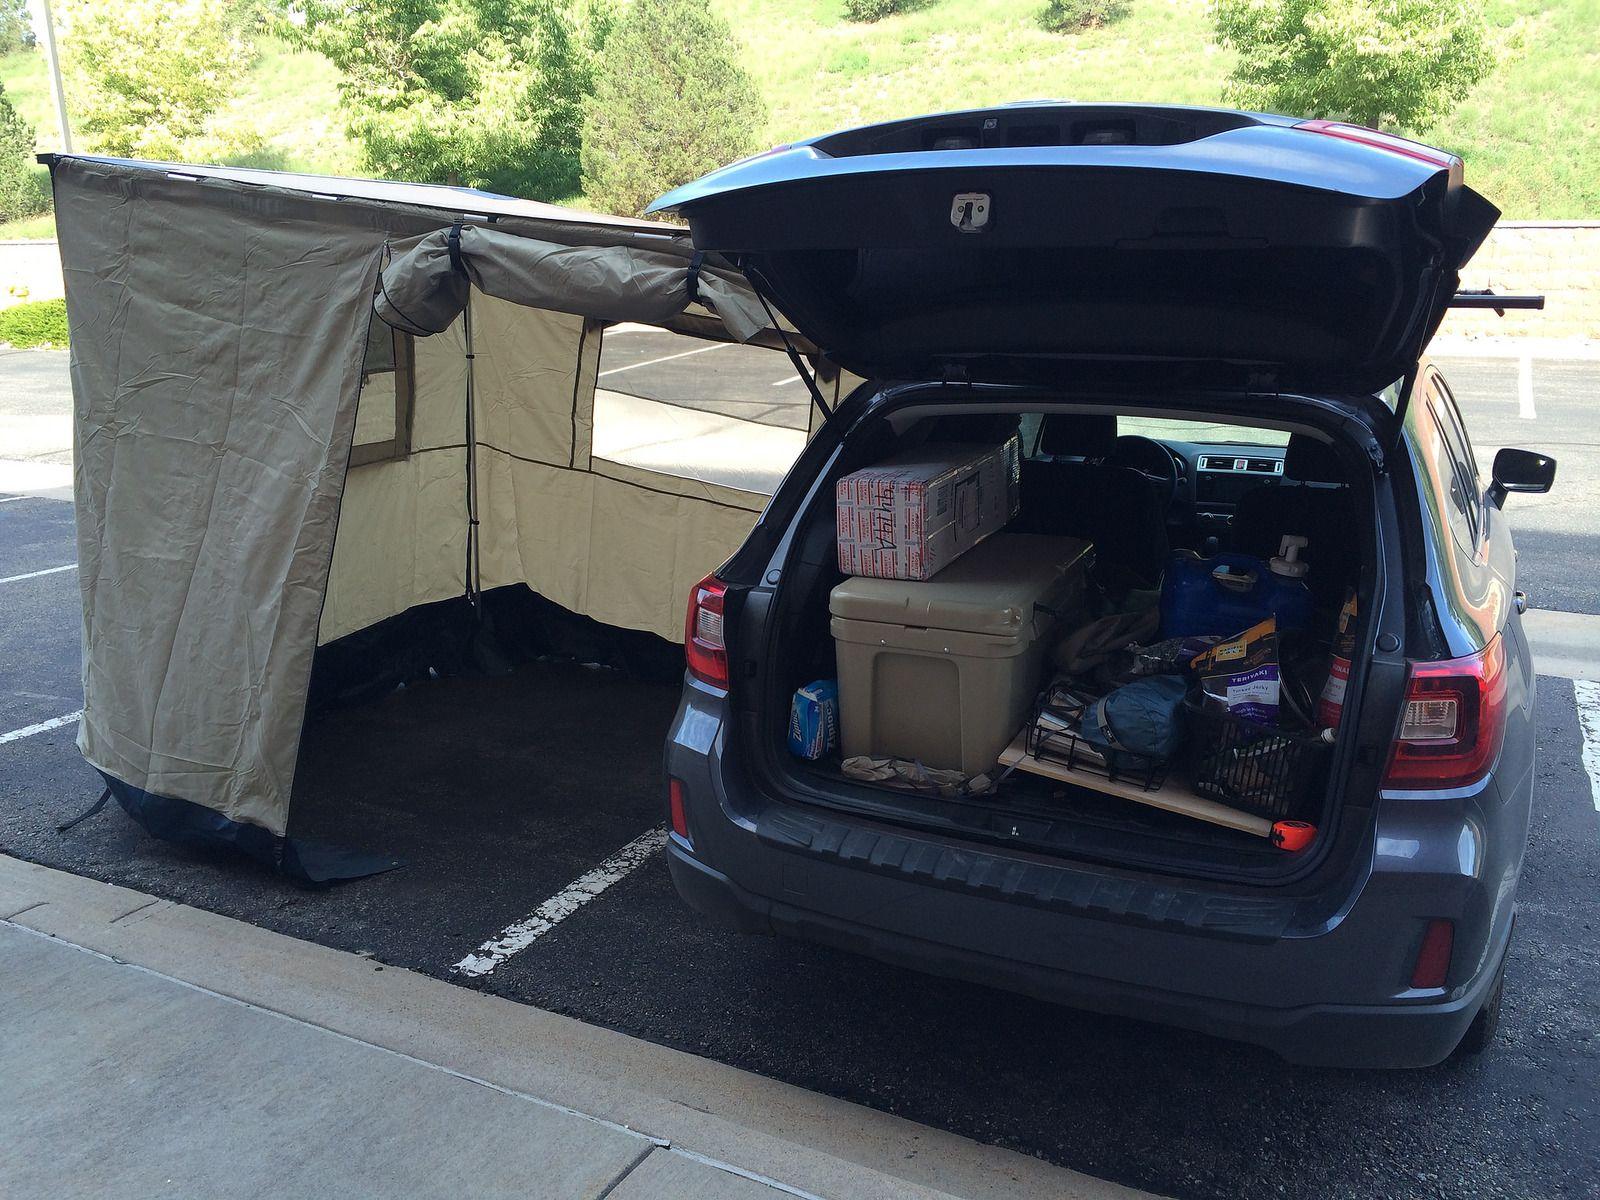 subaru outback subaru outback forums car camping pinterest rh pinterest com